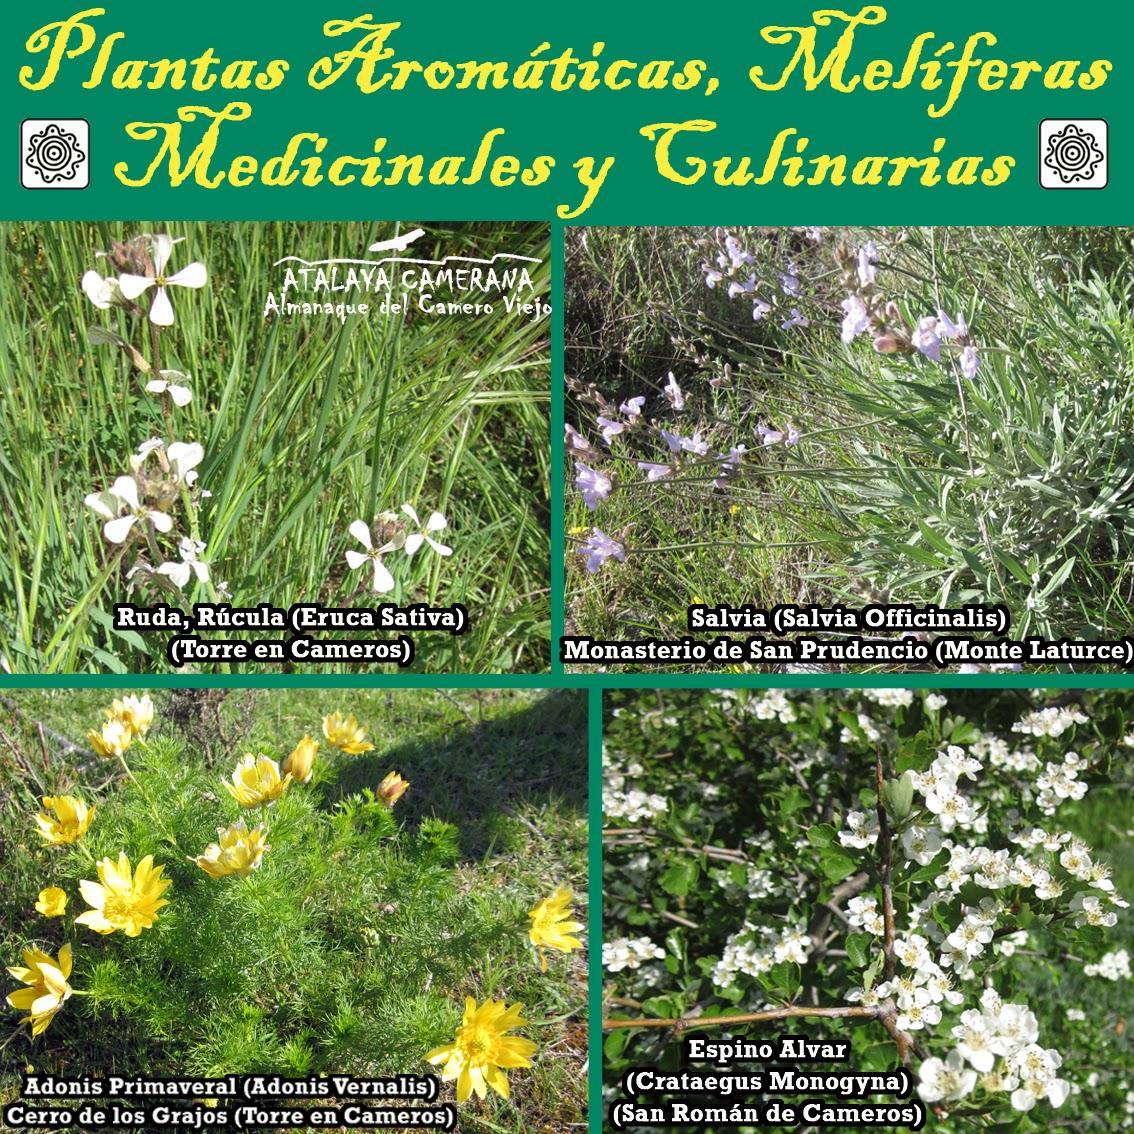 Plantas aromáticas, melíferas, medicinales y culinarias